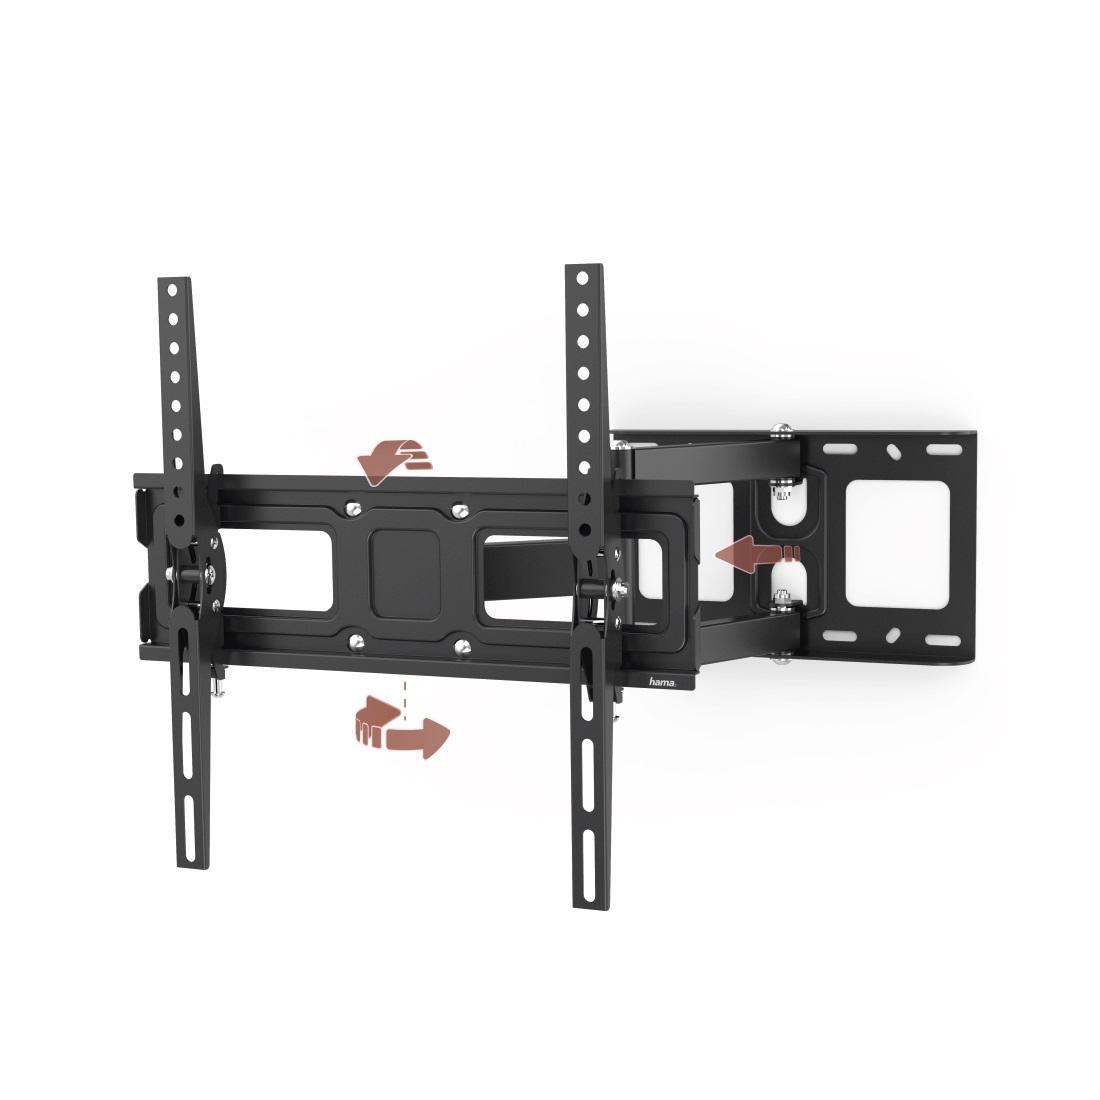 Стенна стойка за TV HAMA 118124, Регулируема, 32-65,35 кг, Черна-3